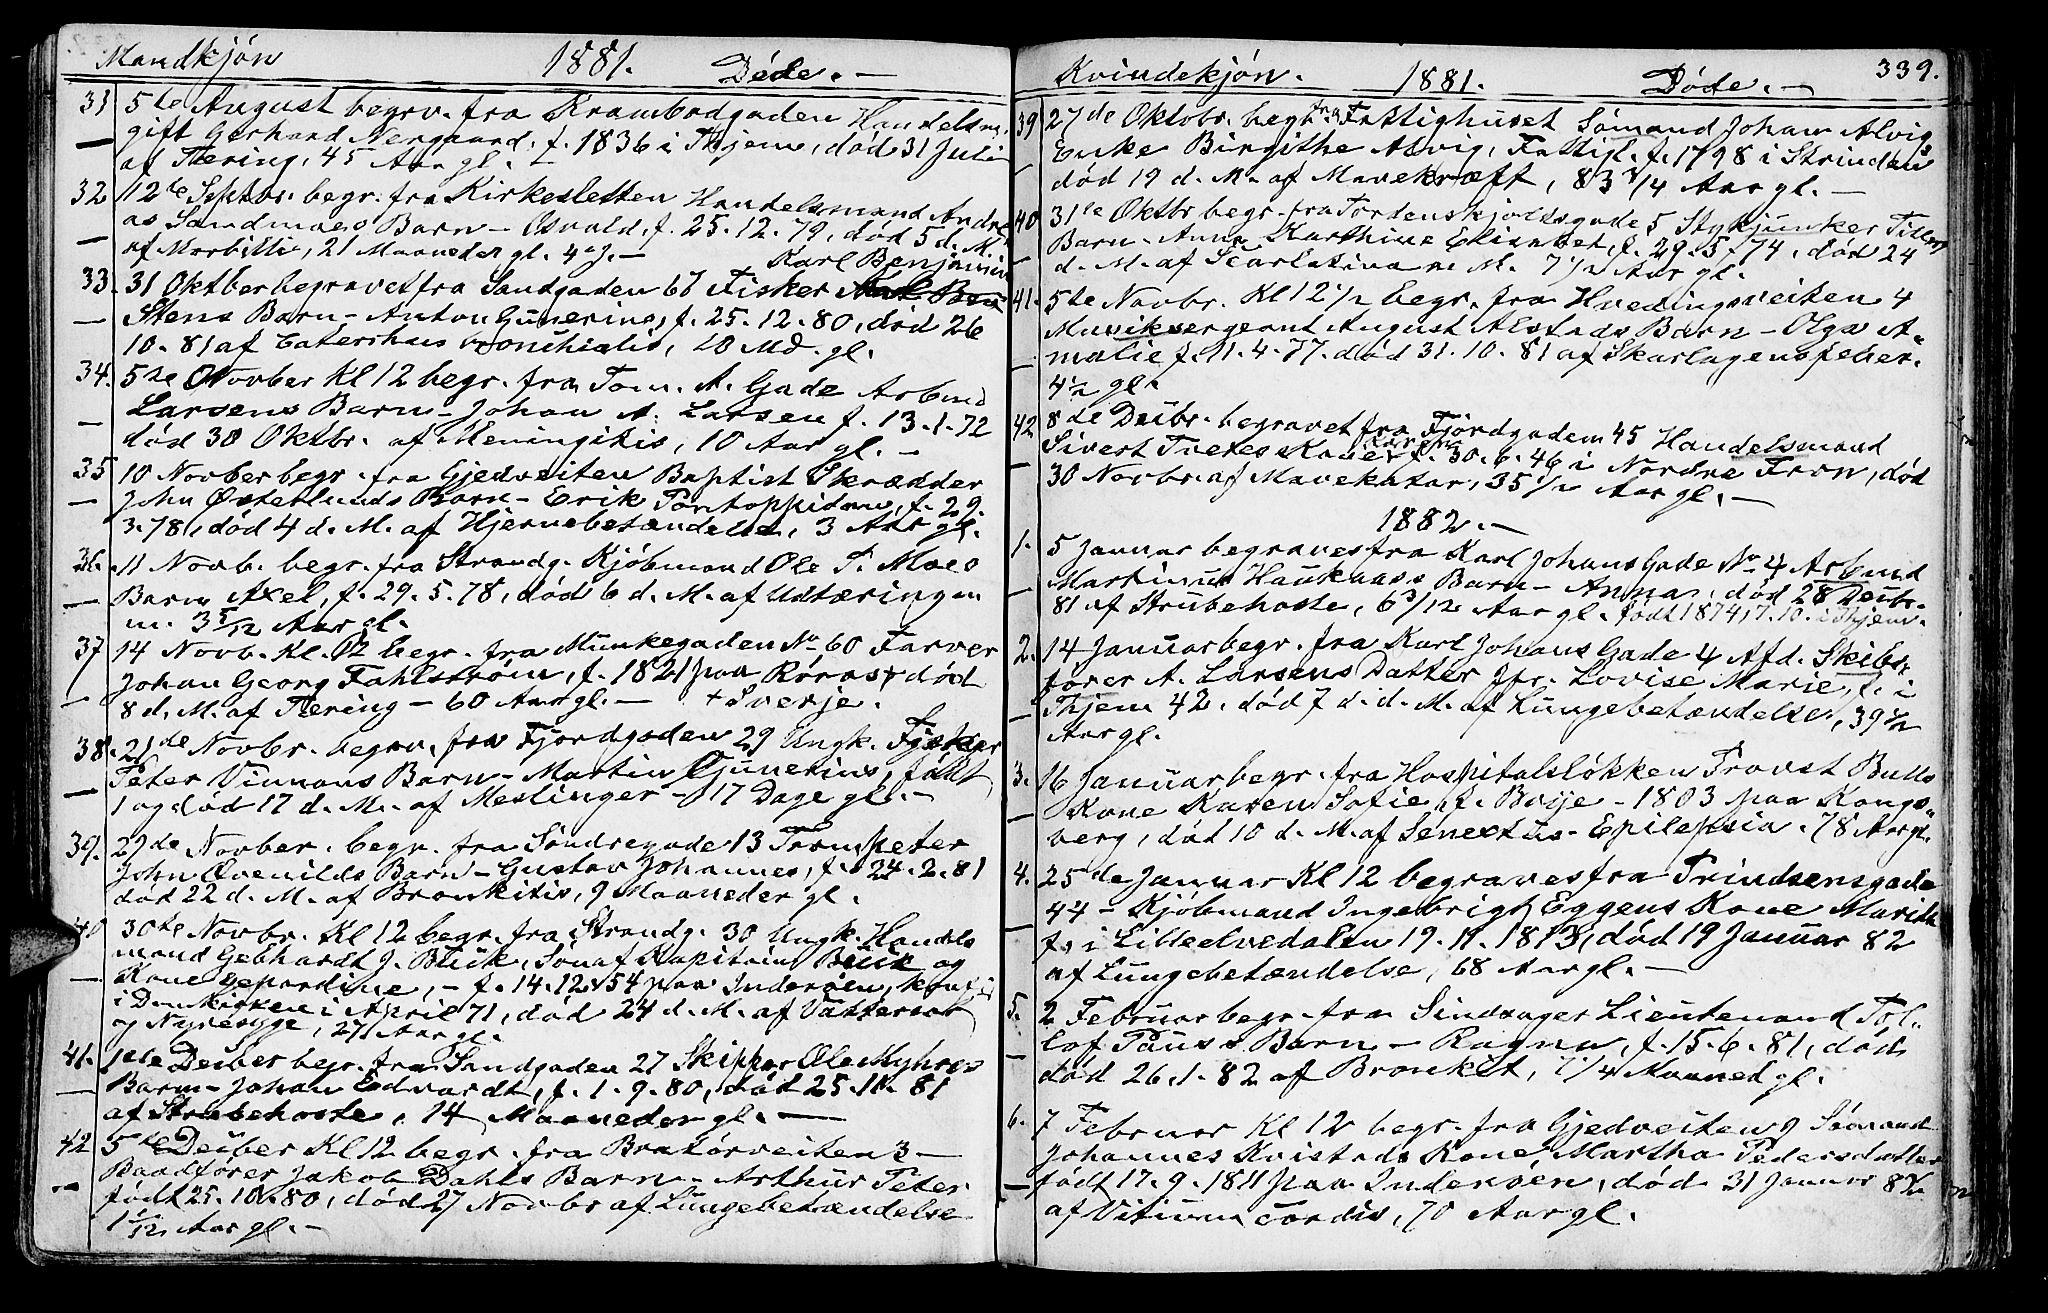 SAT, Ministerialprotokoller, klokkerbøker og fødselsregistre - Sør-Trøndelag, 602/L0142: Klokkerbok nr. 602C10, 1872-1894, s. 339